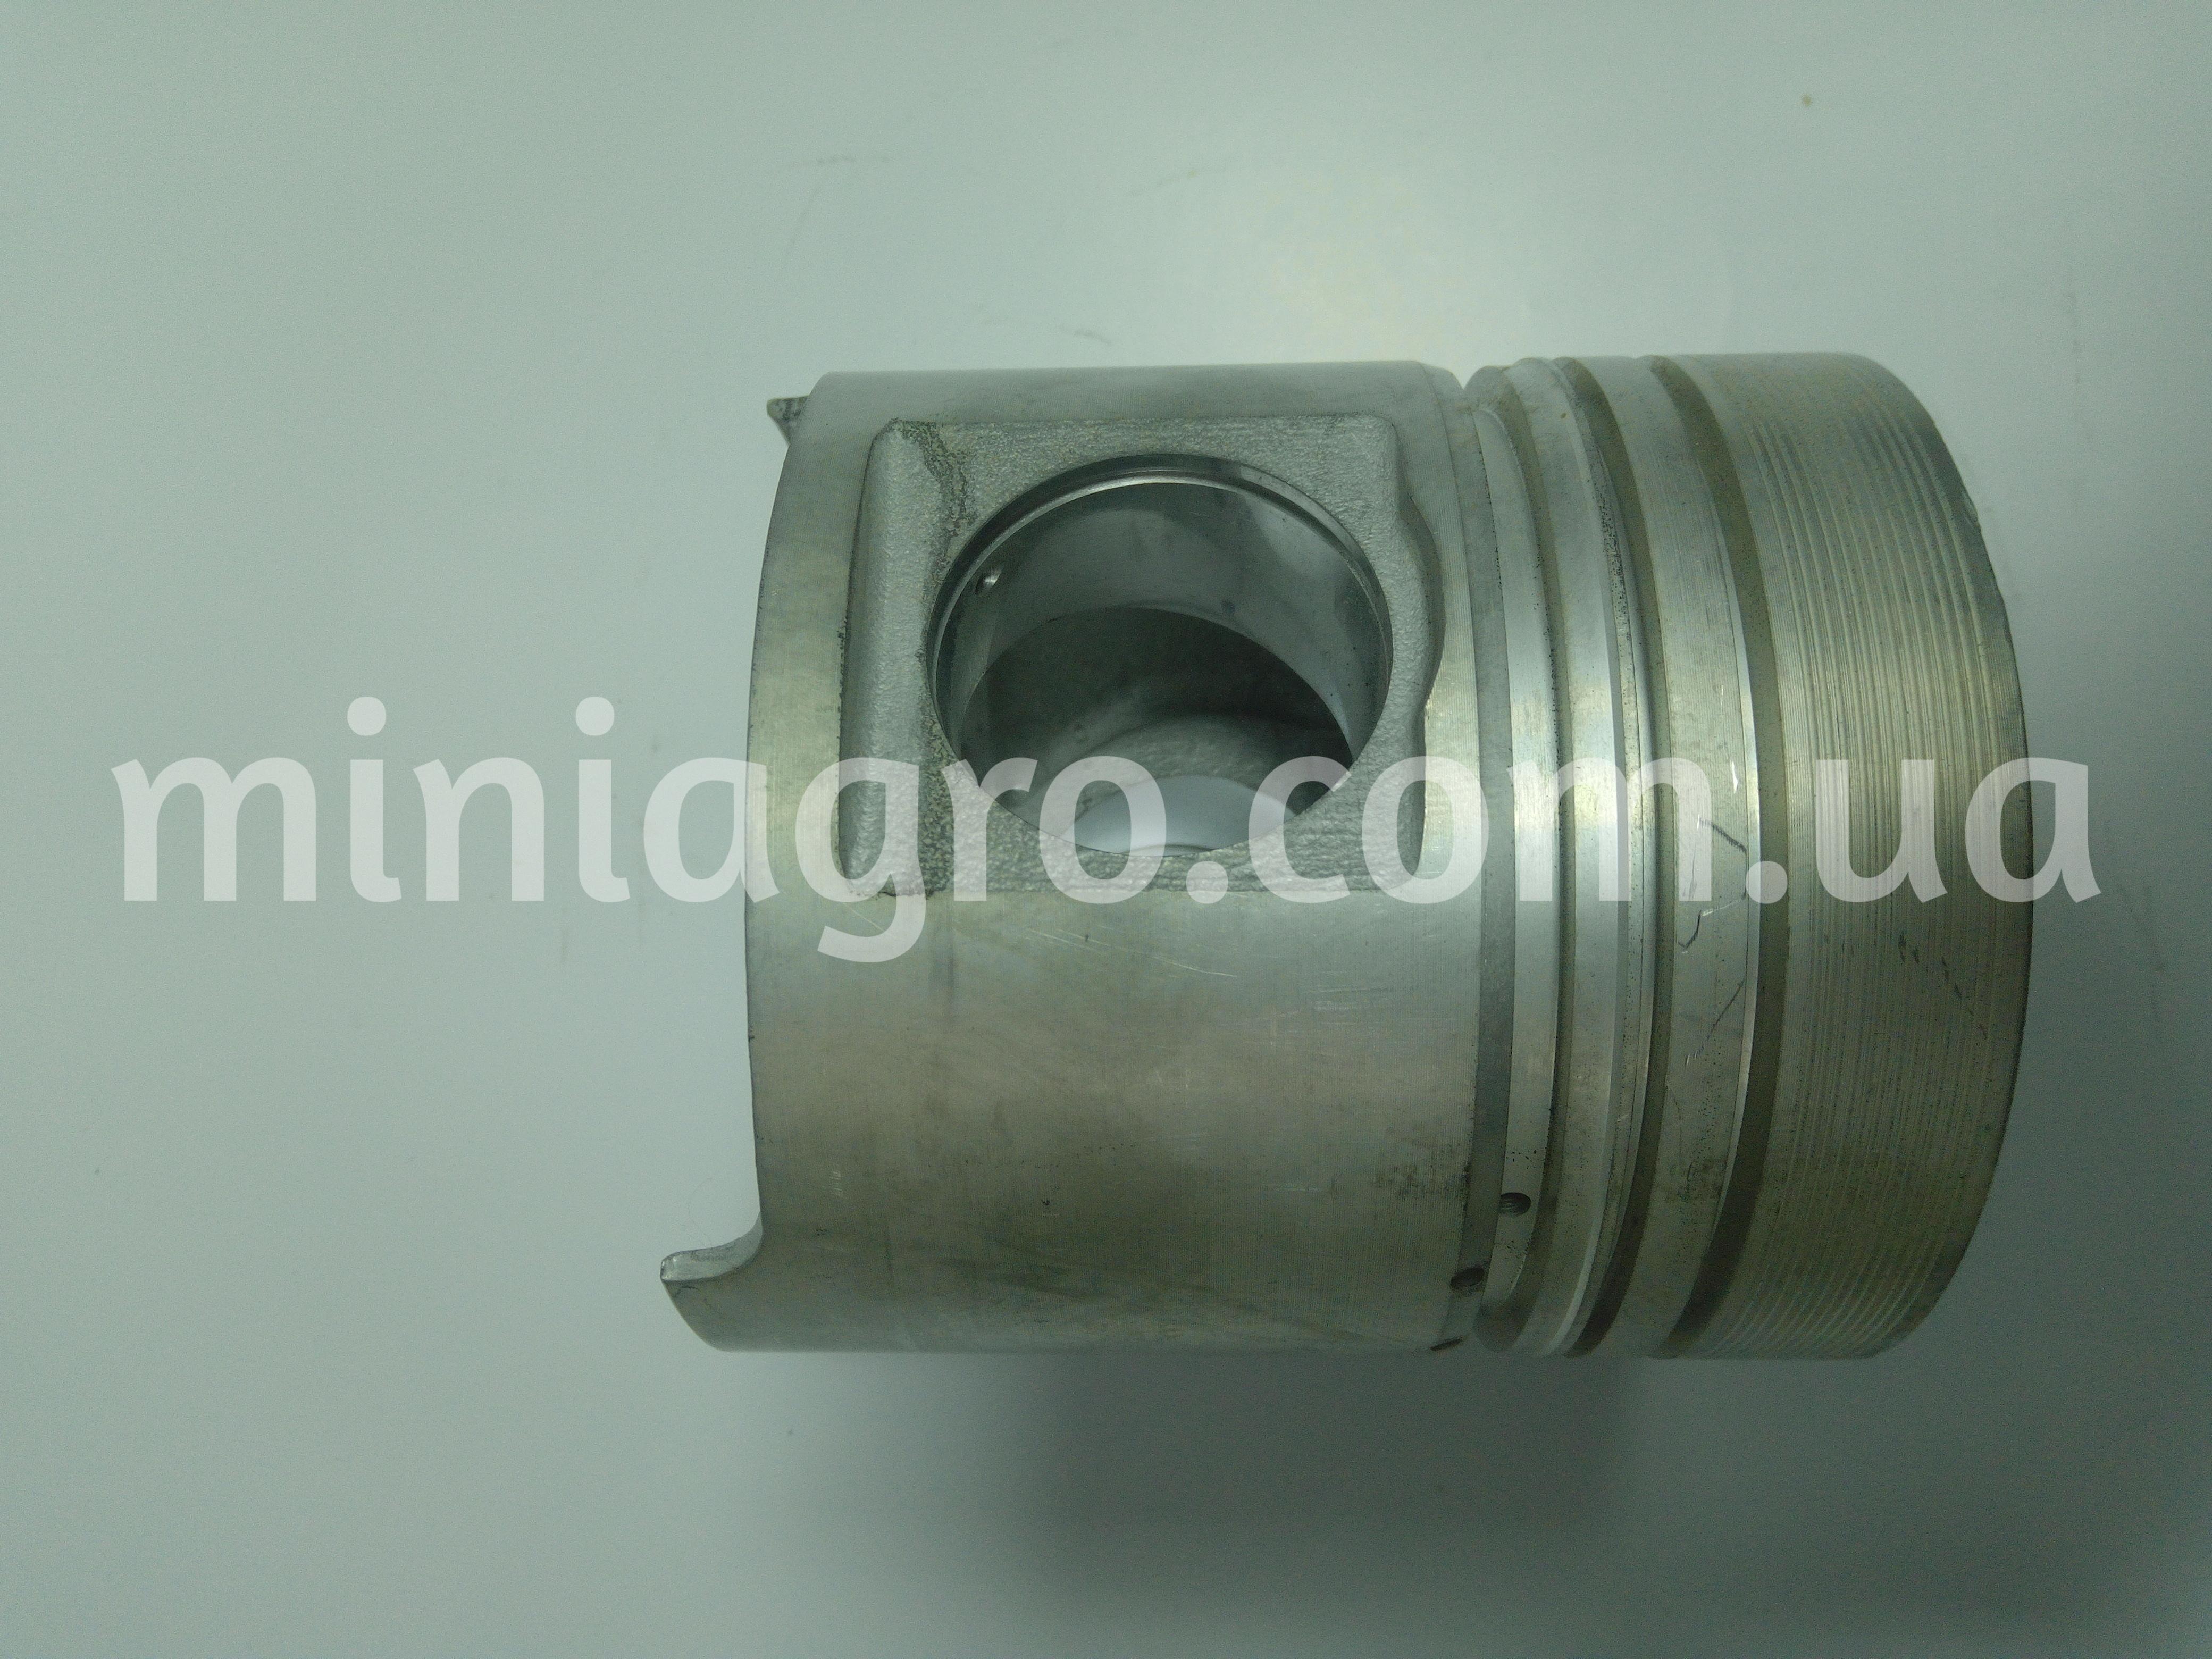 Поршень двигателя JD940 для мини-трактора ХТ200